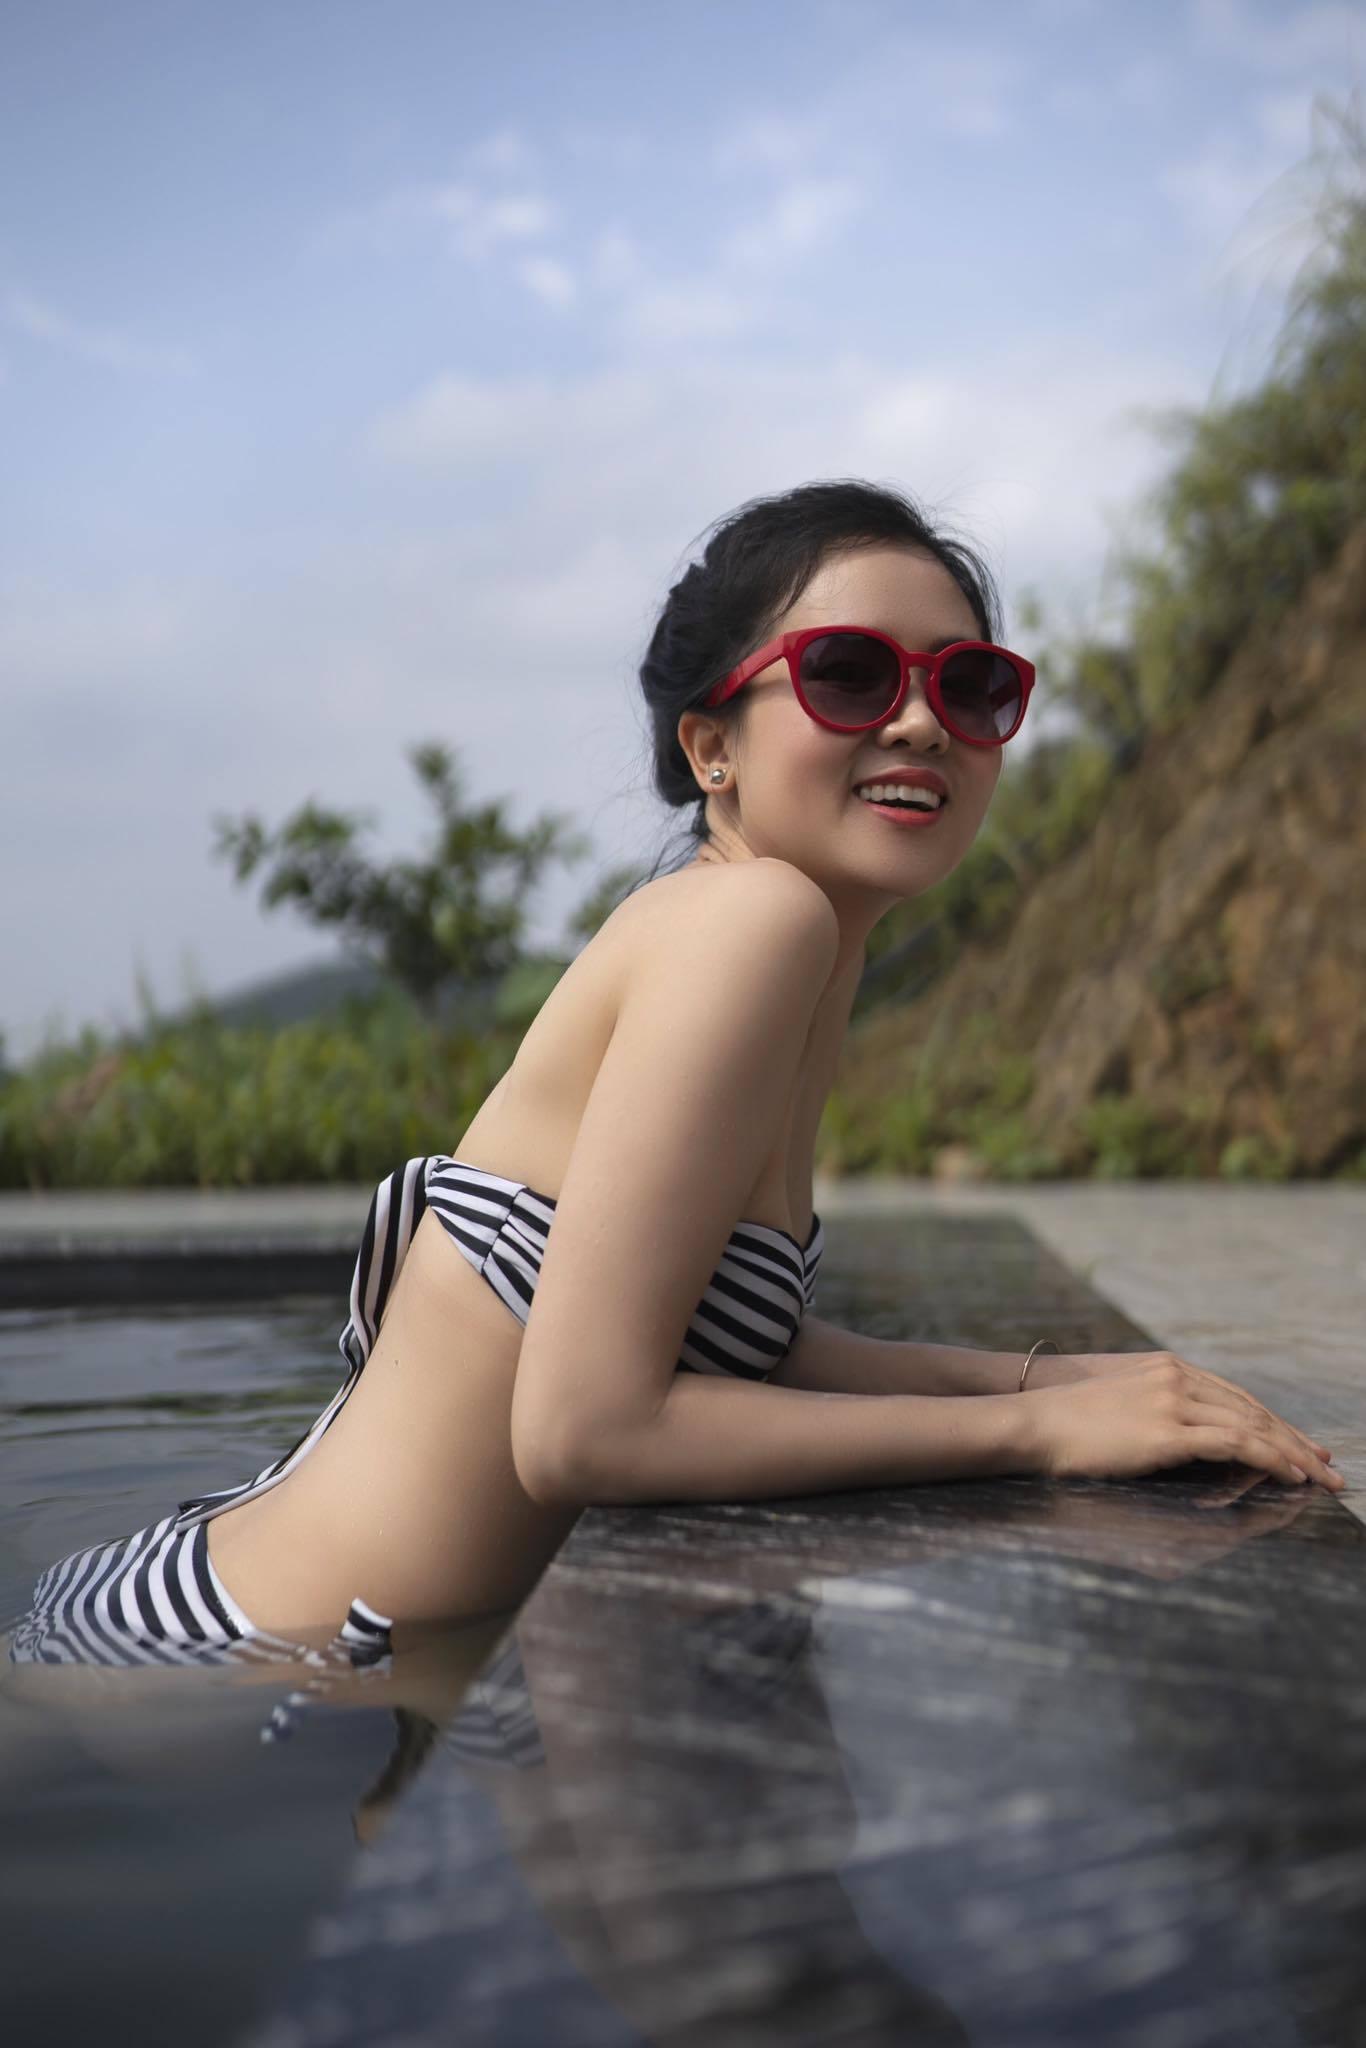 'Hot mom' U40 ở Hà Nội trẻ trung như gái đôi mươi khiến dân mạng kinh ngạc